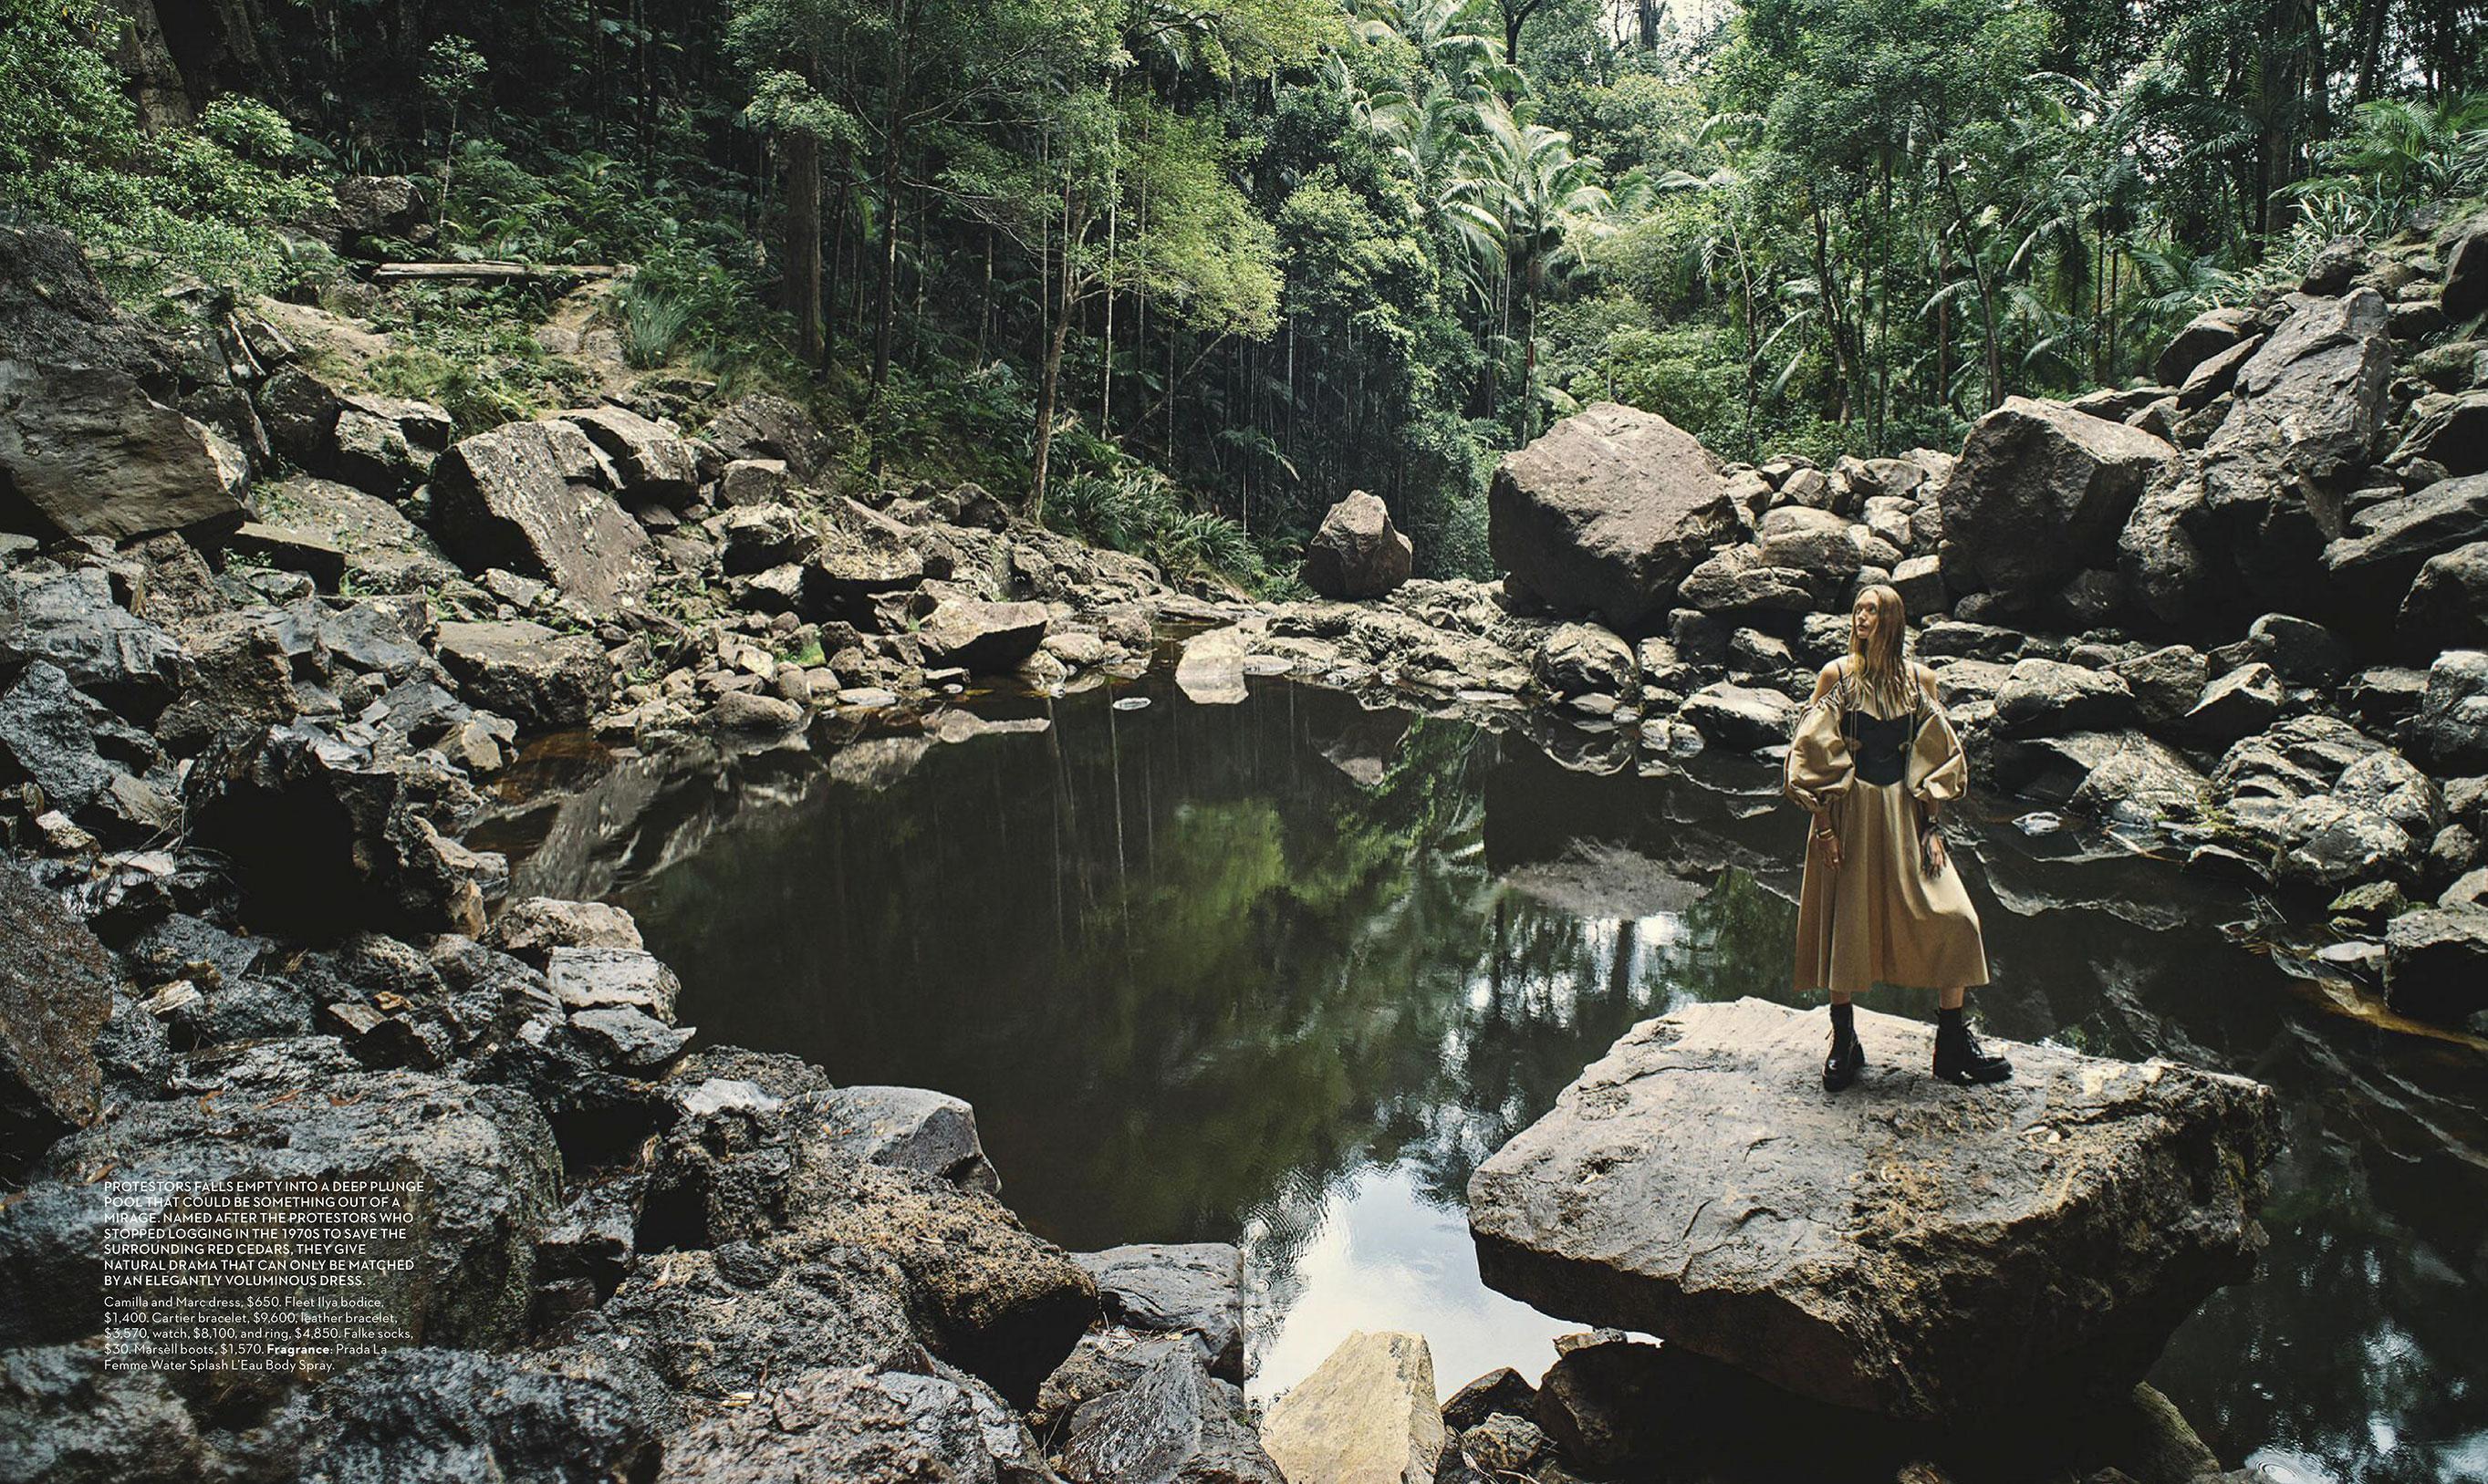 Джемма Уорд с семьей путешествует по лесам Нового Южного Уэльса / фото 07